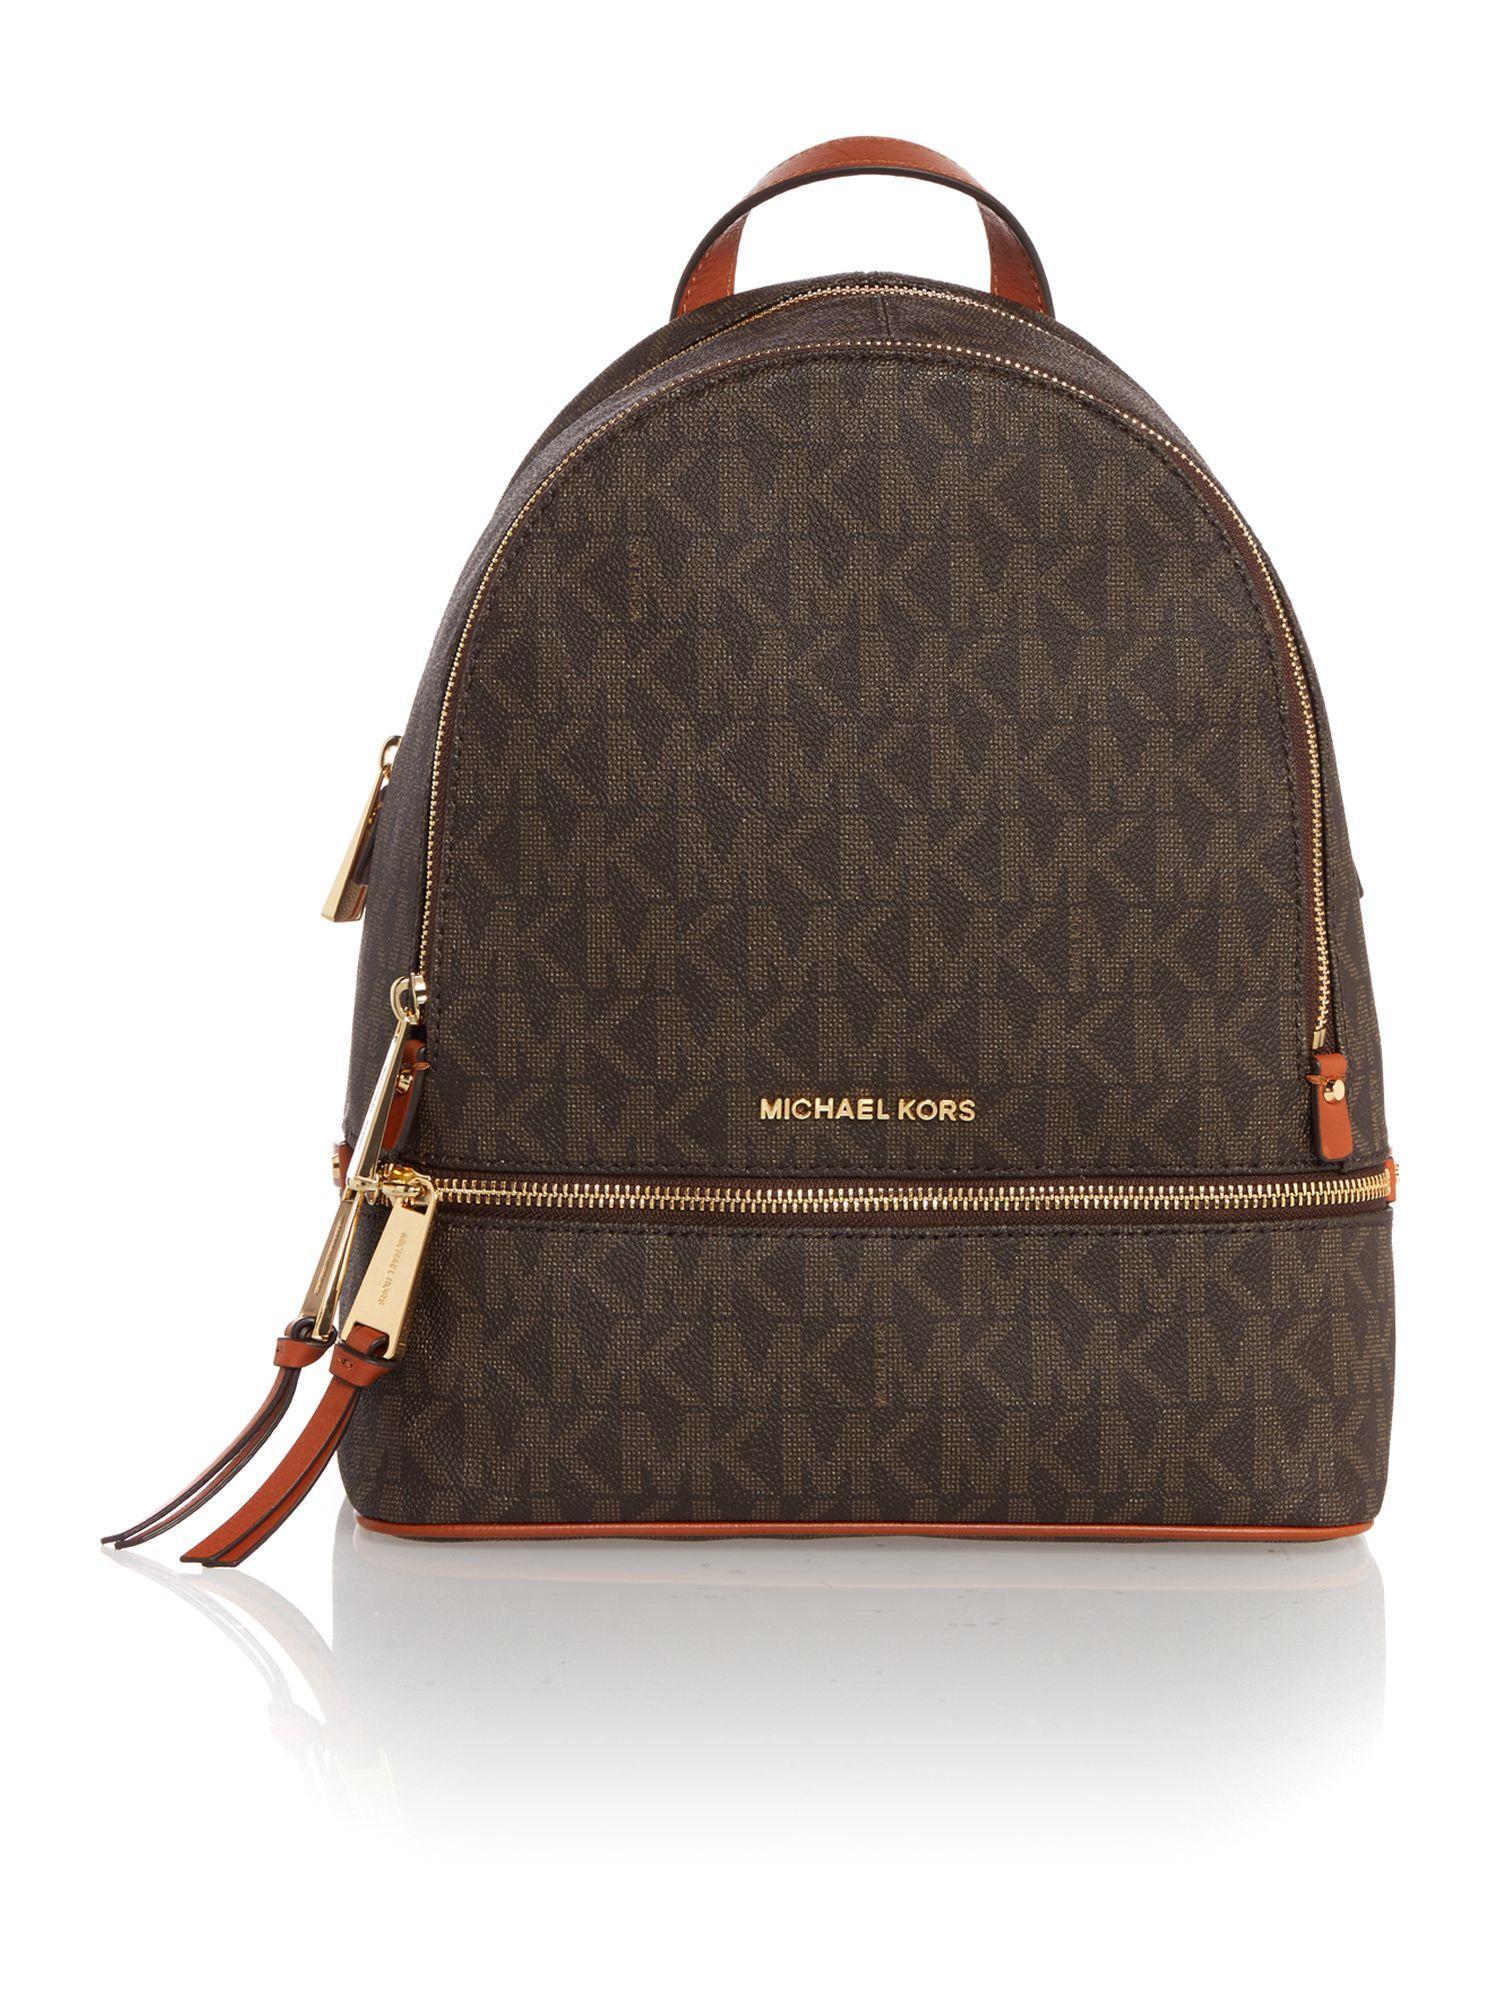 michael kors rhea zip brown medium backpack in brown lyst. Black Bedroom Furniture Sets. Home Design Ideas